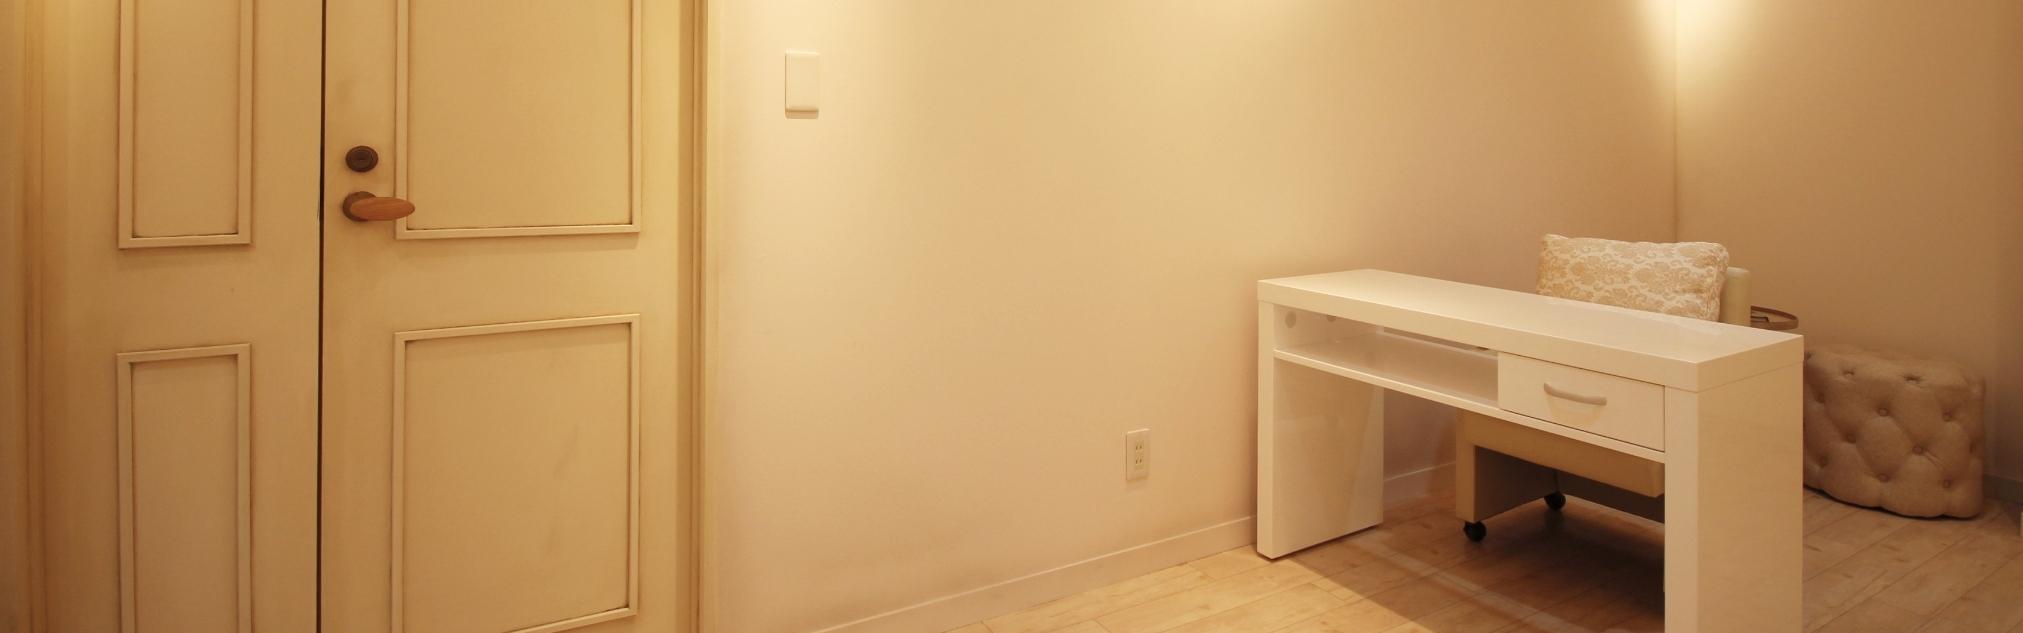 静岡ネイルサロン個室個人店プライベート空間